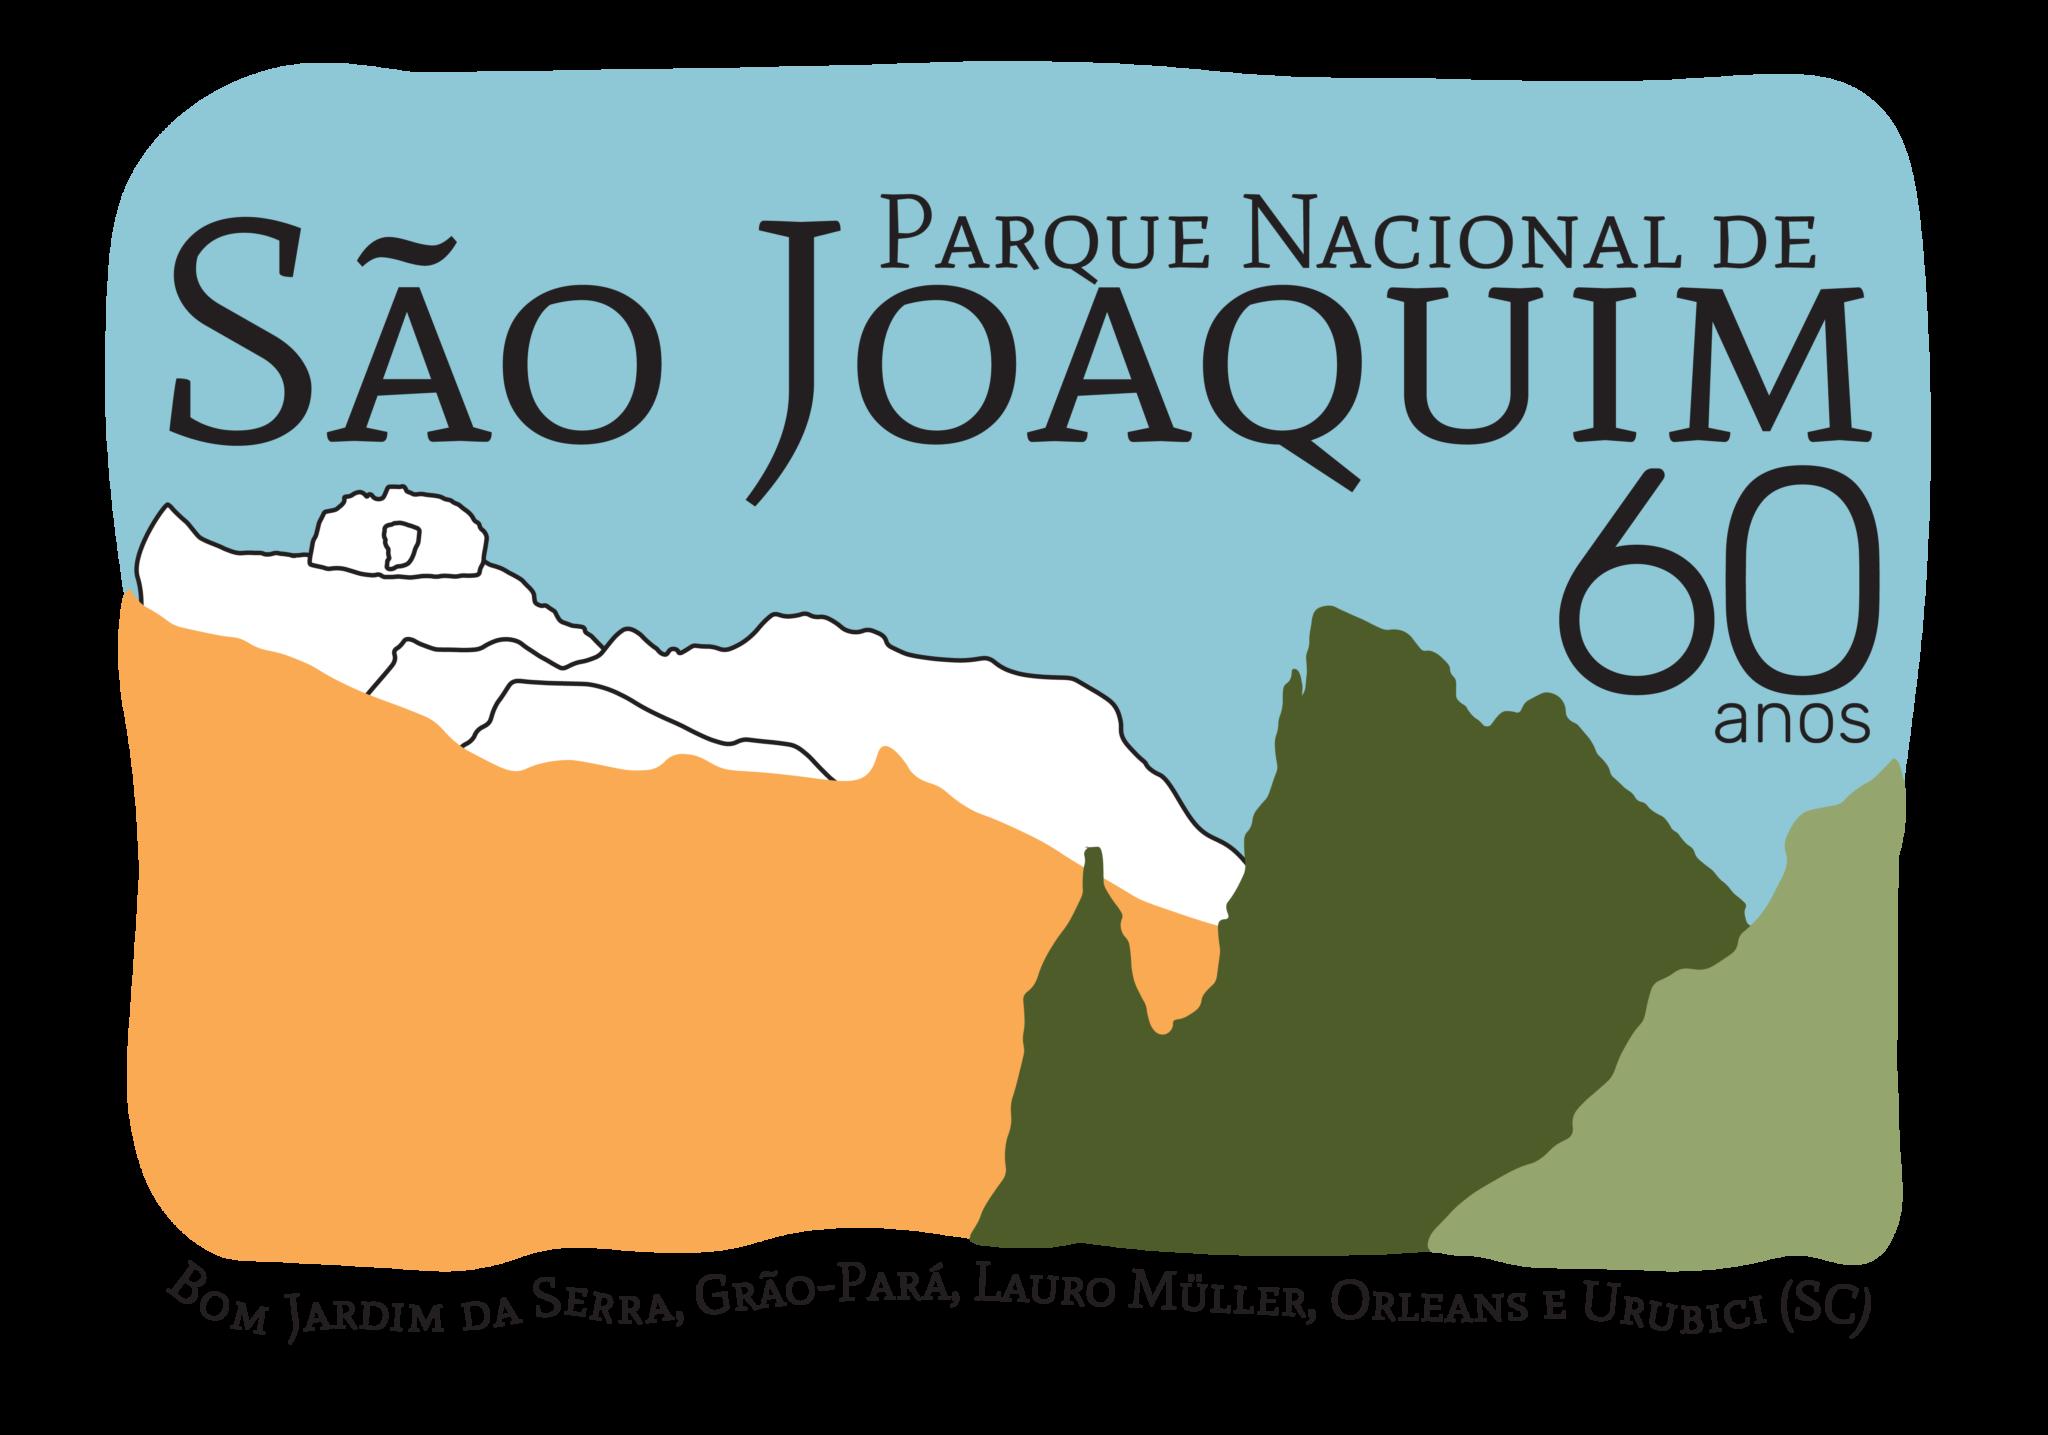 Aniversário do PN São Joaquim